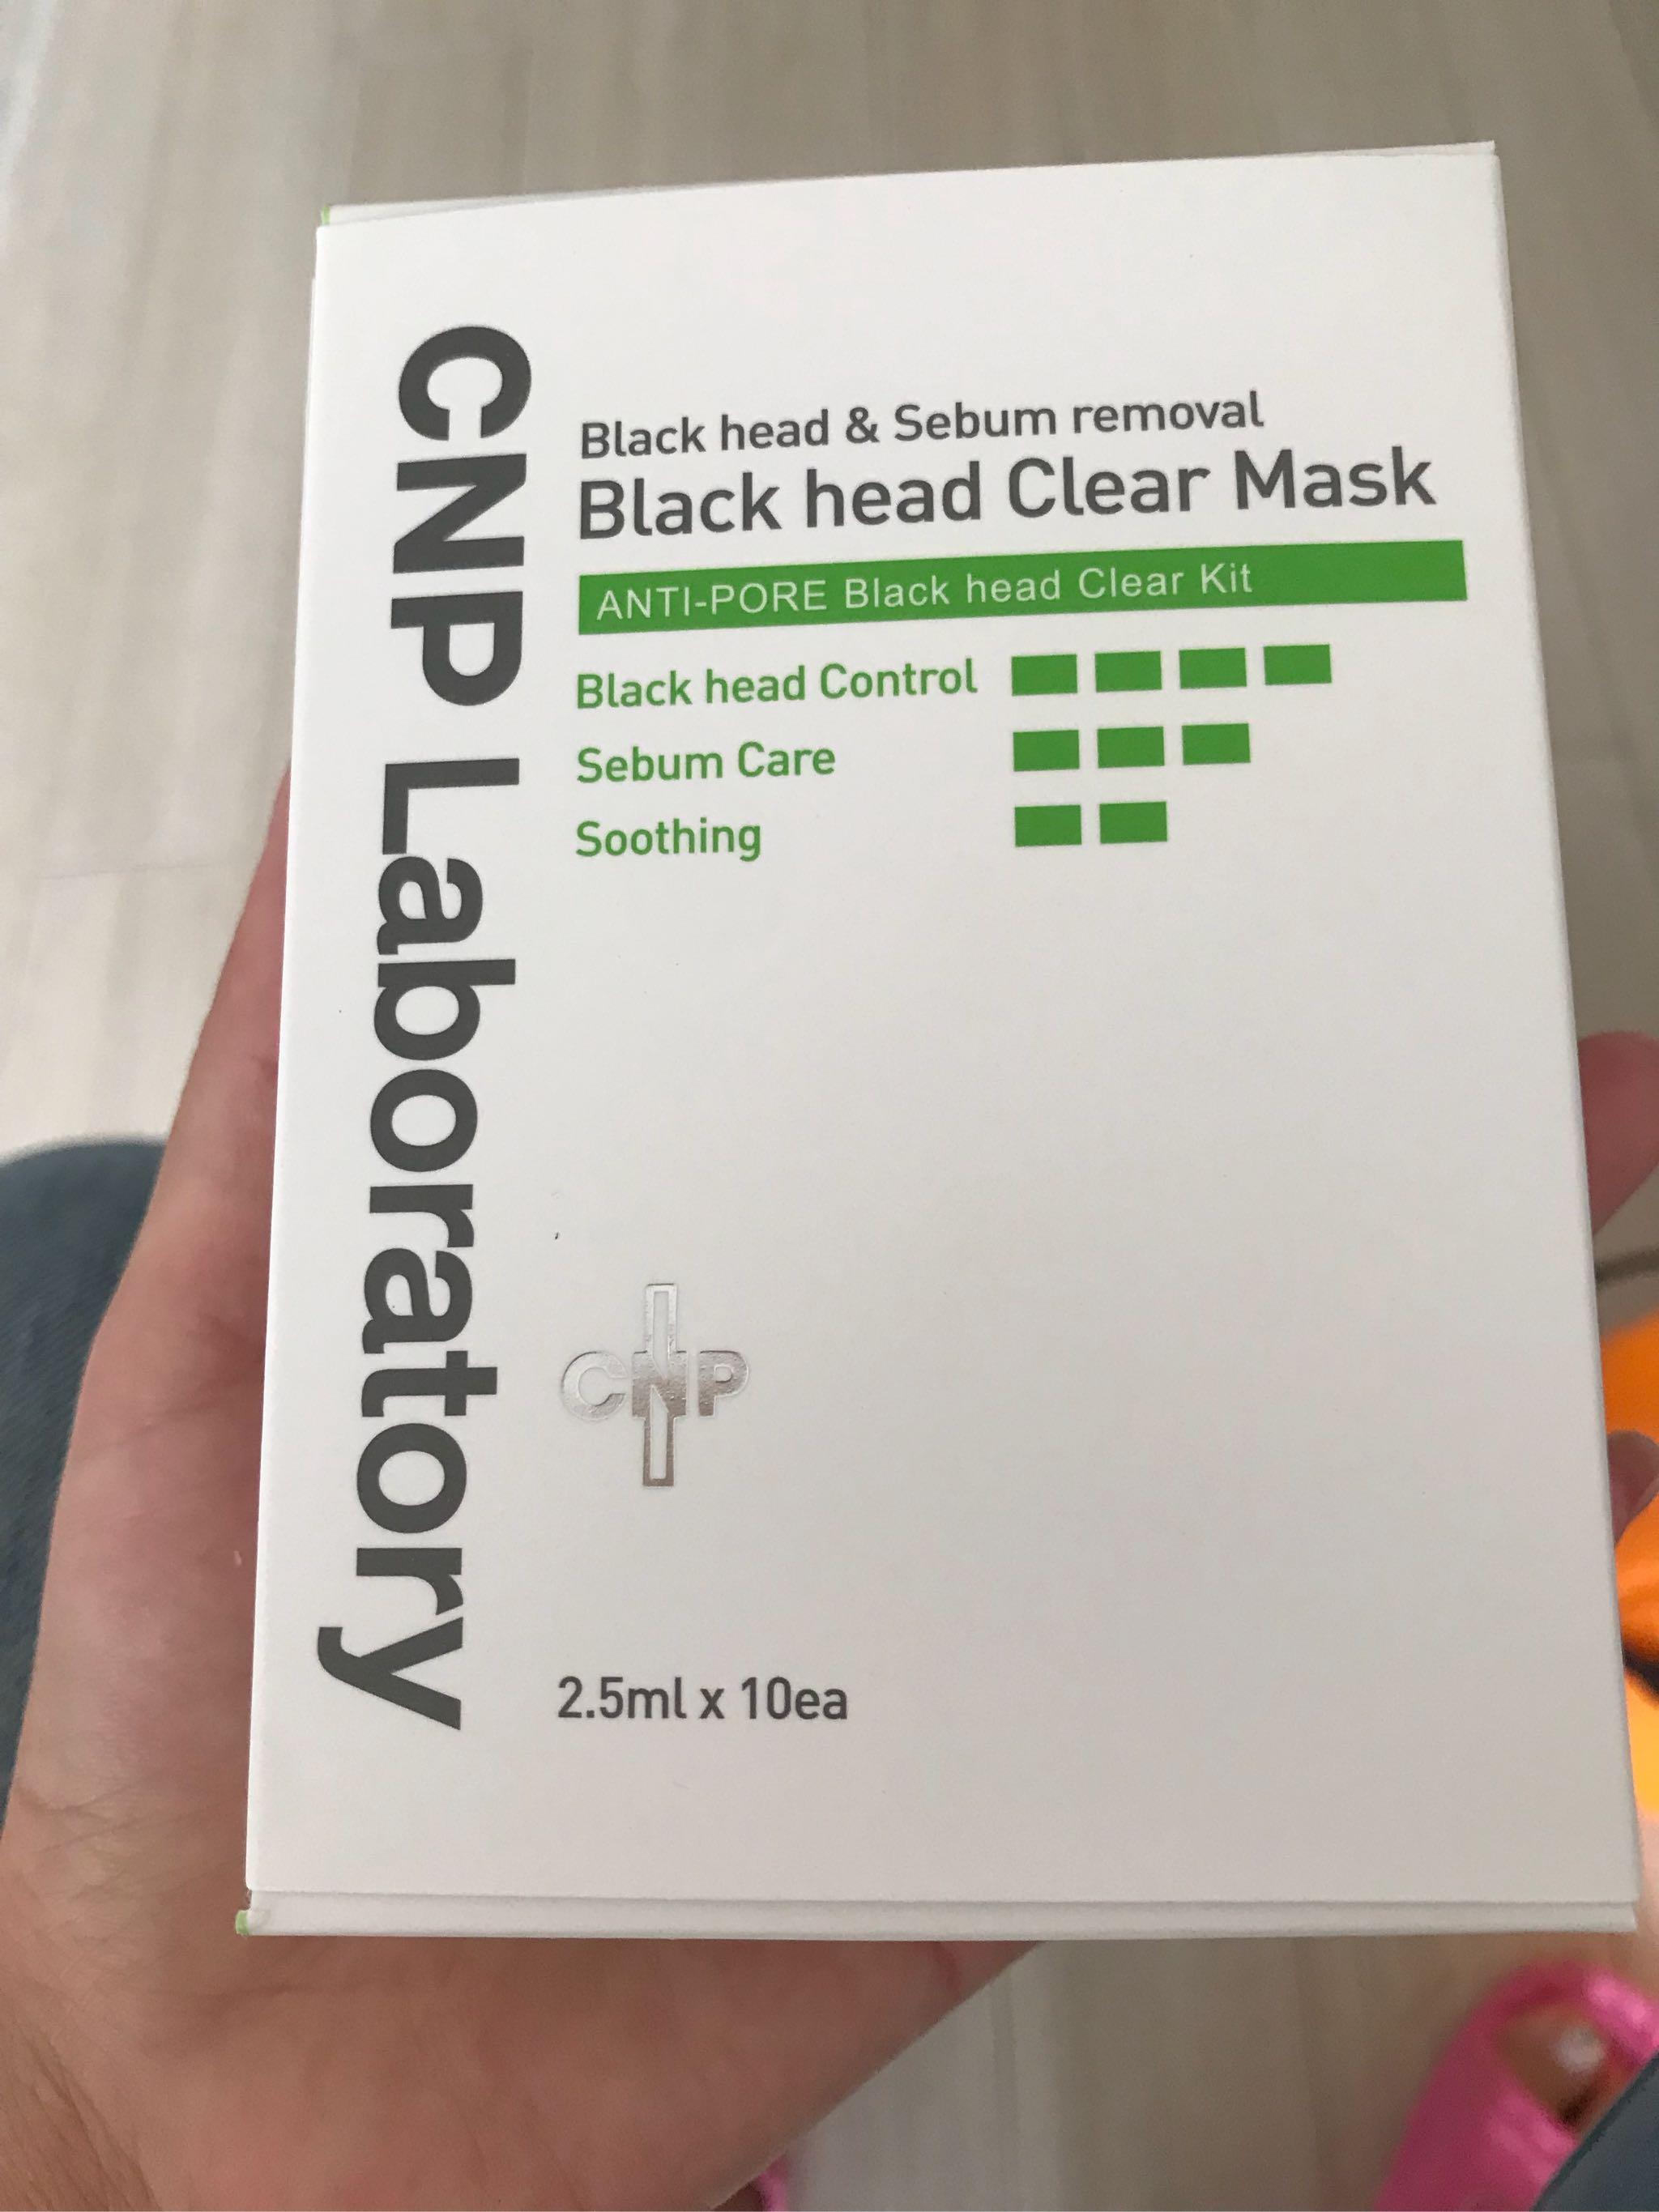 我又来和你们分享刚买的去黑头鼻贴了,很温和